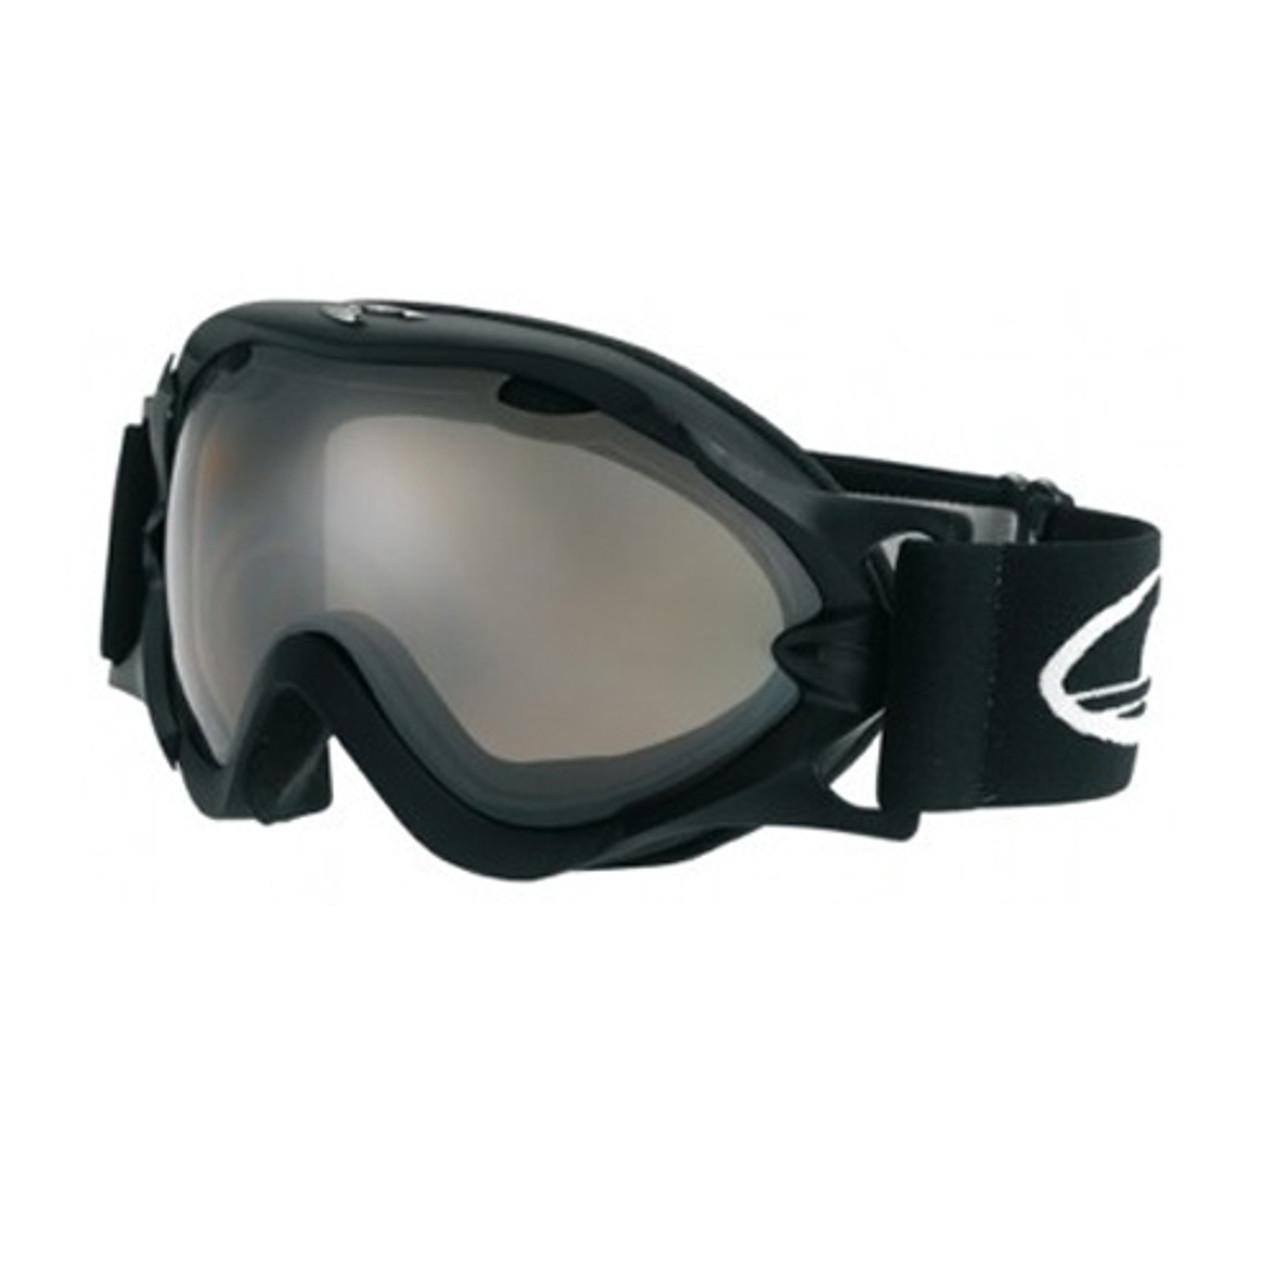 Lens for the Carrera Sphinx Ski Goggles